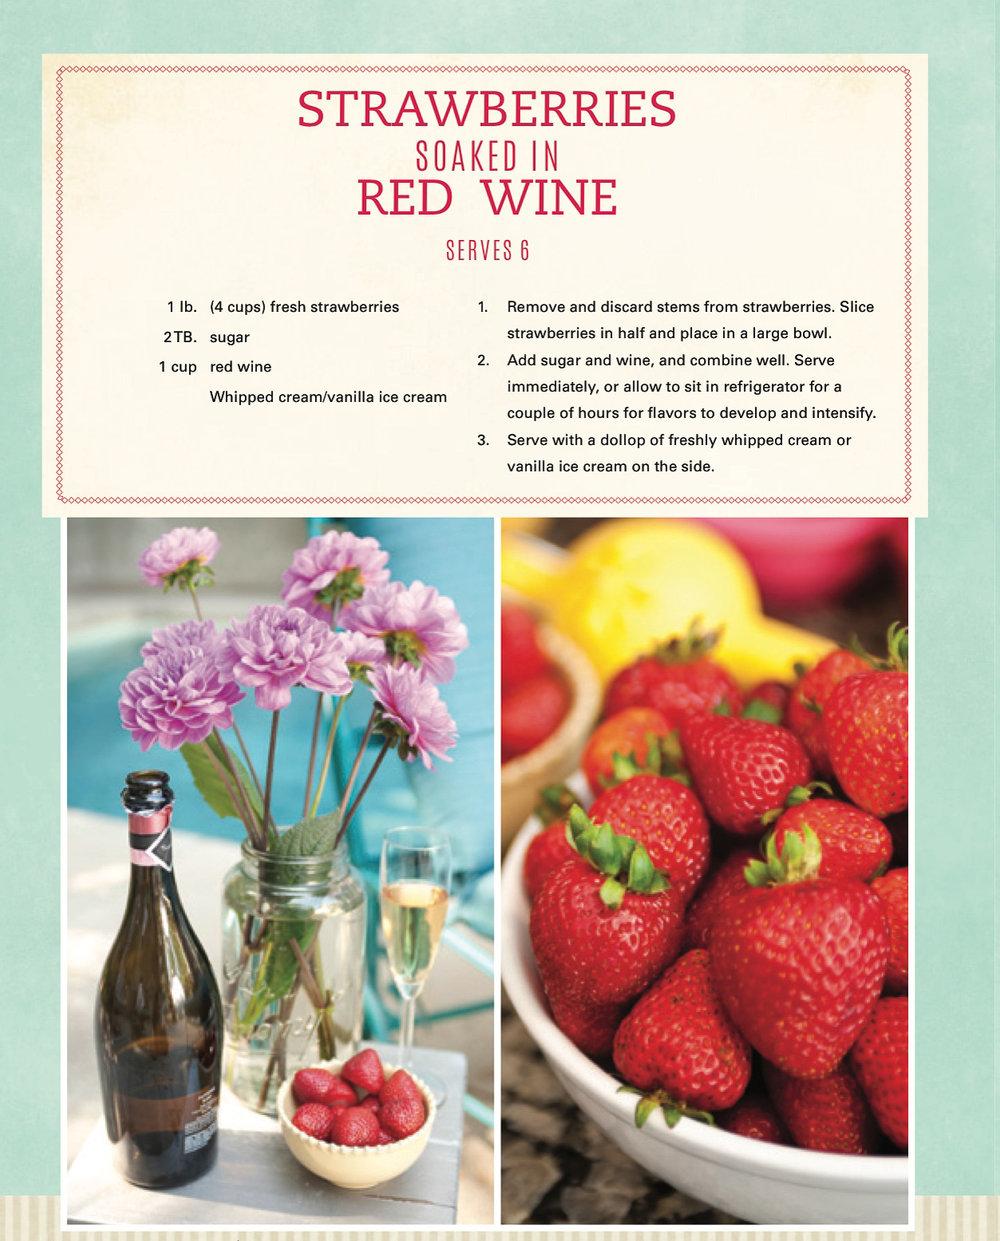 strawberries-soaked-red-wine.jpg